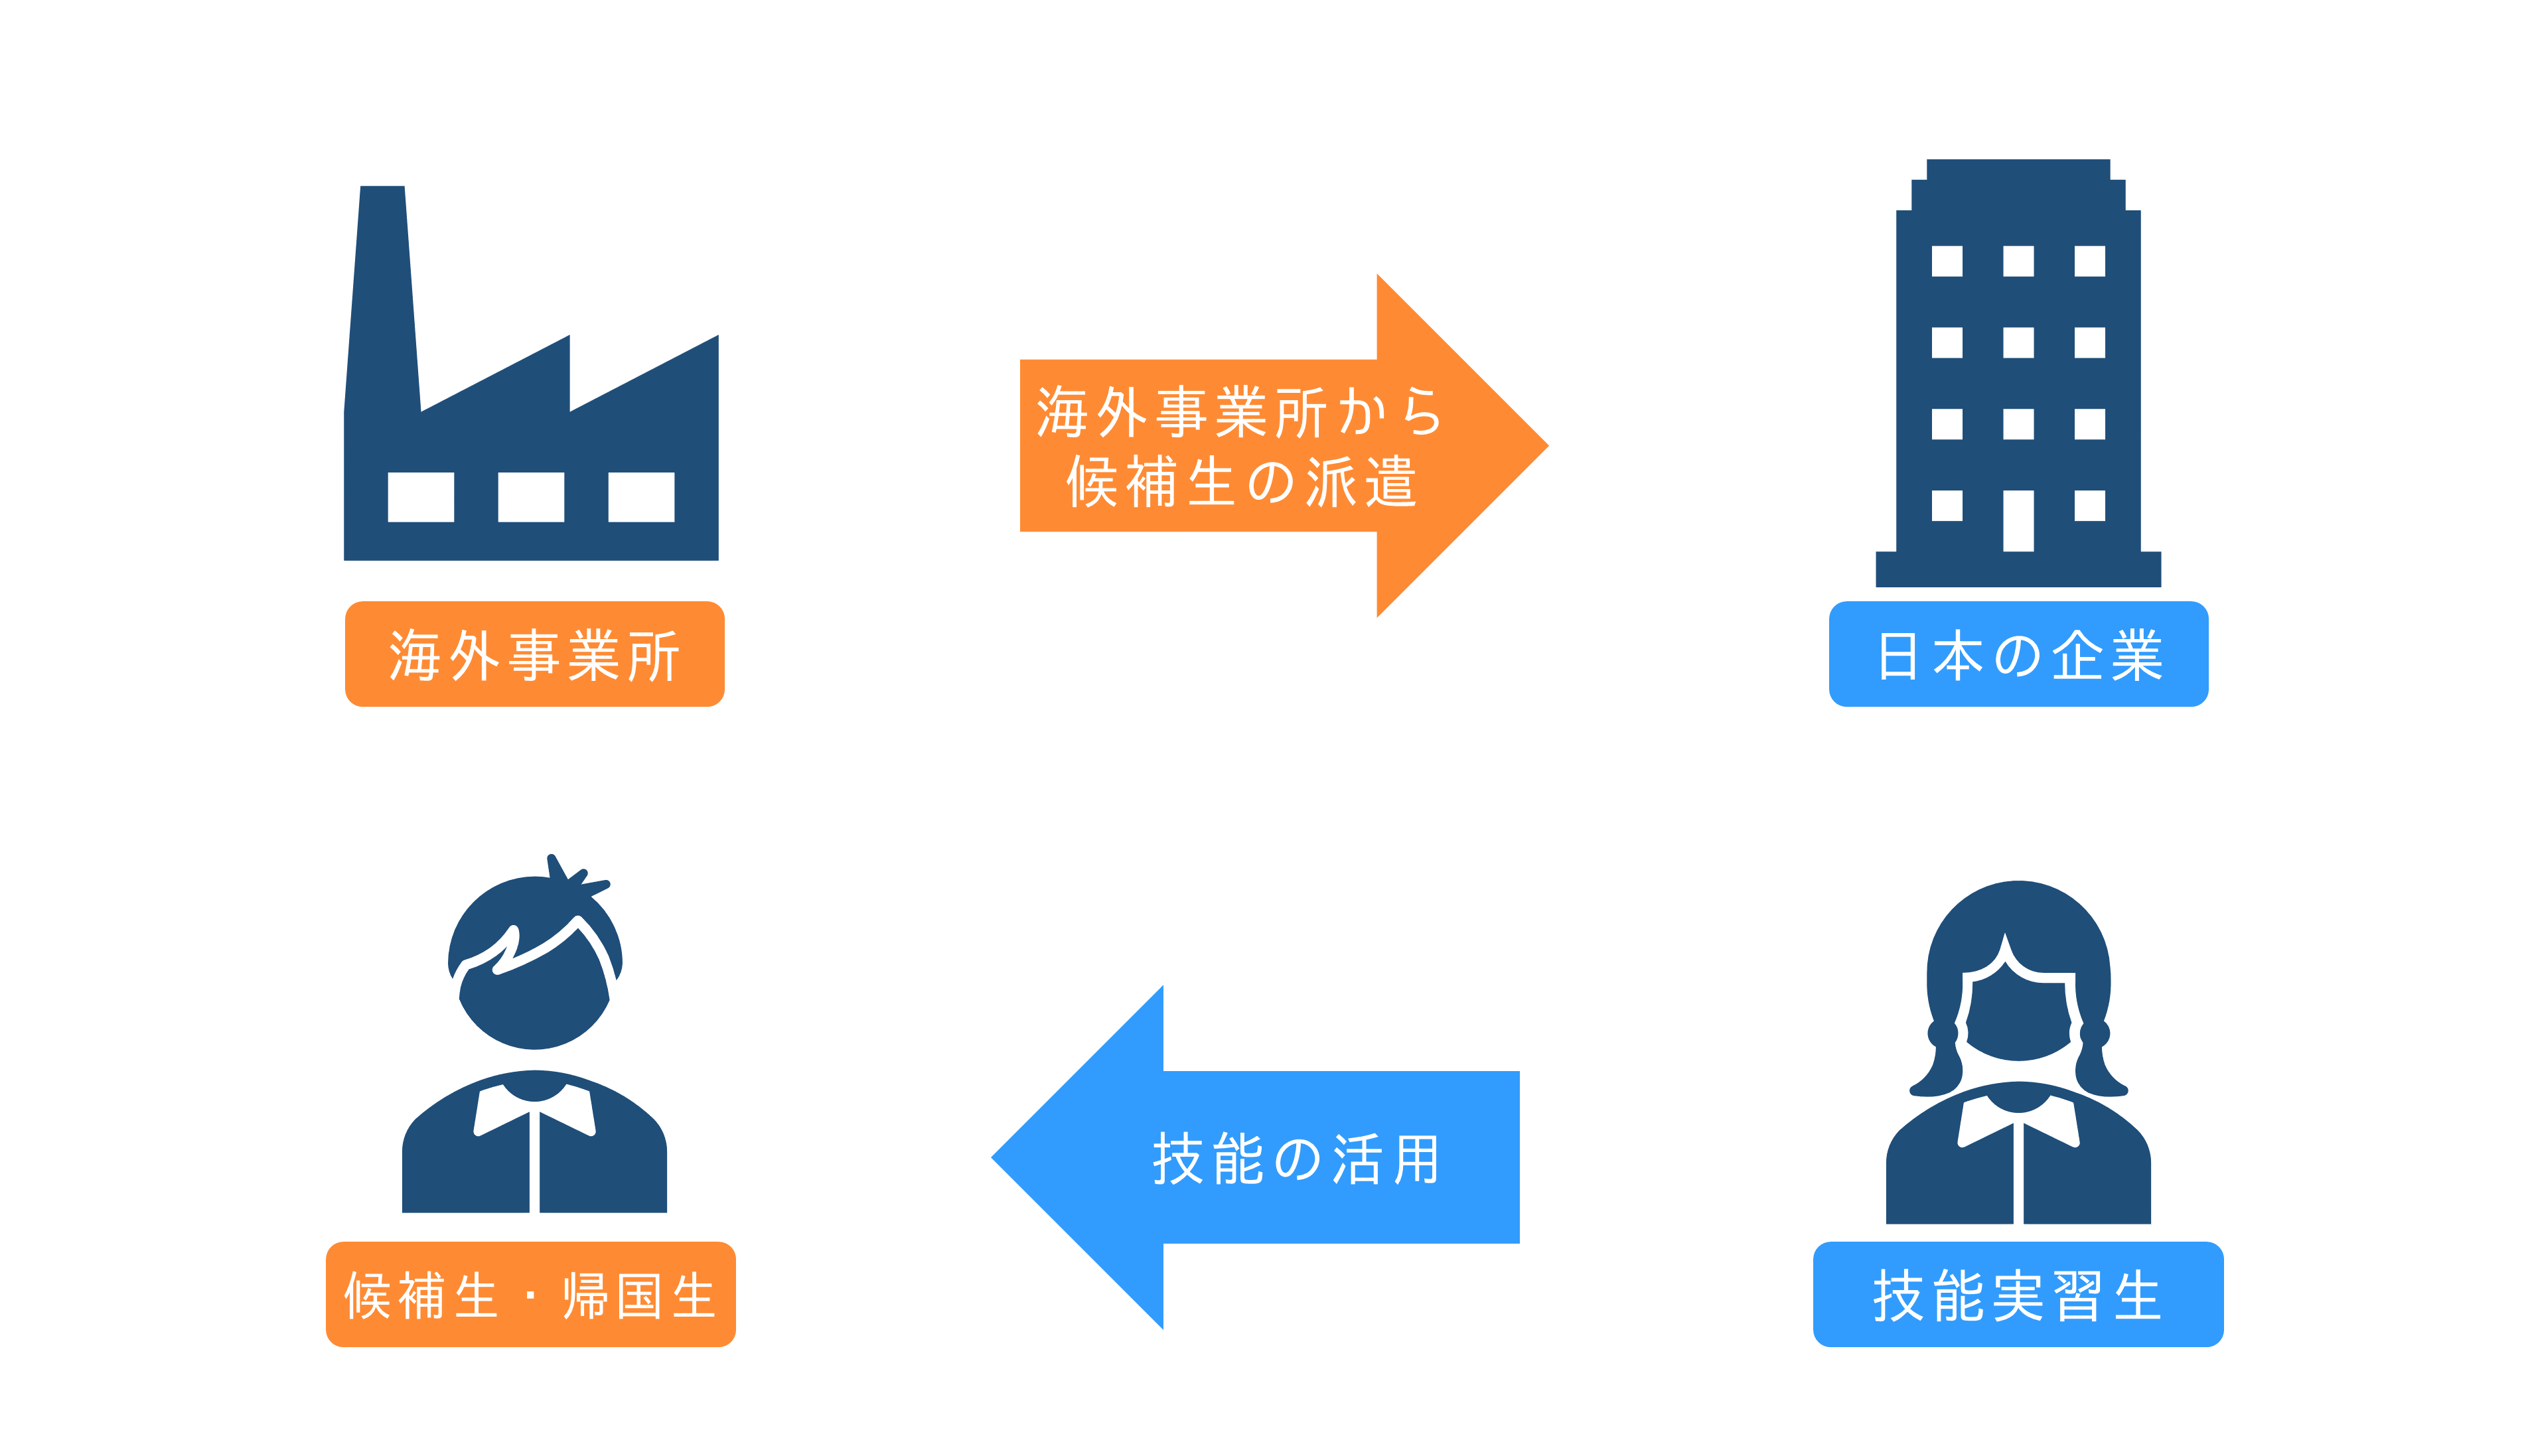 企業単独型の仕組み